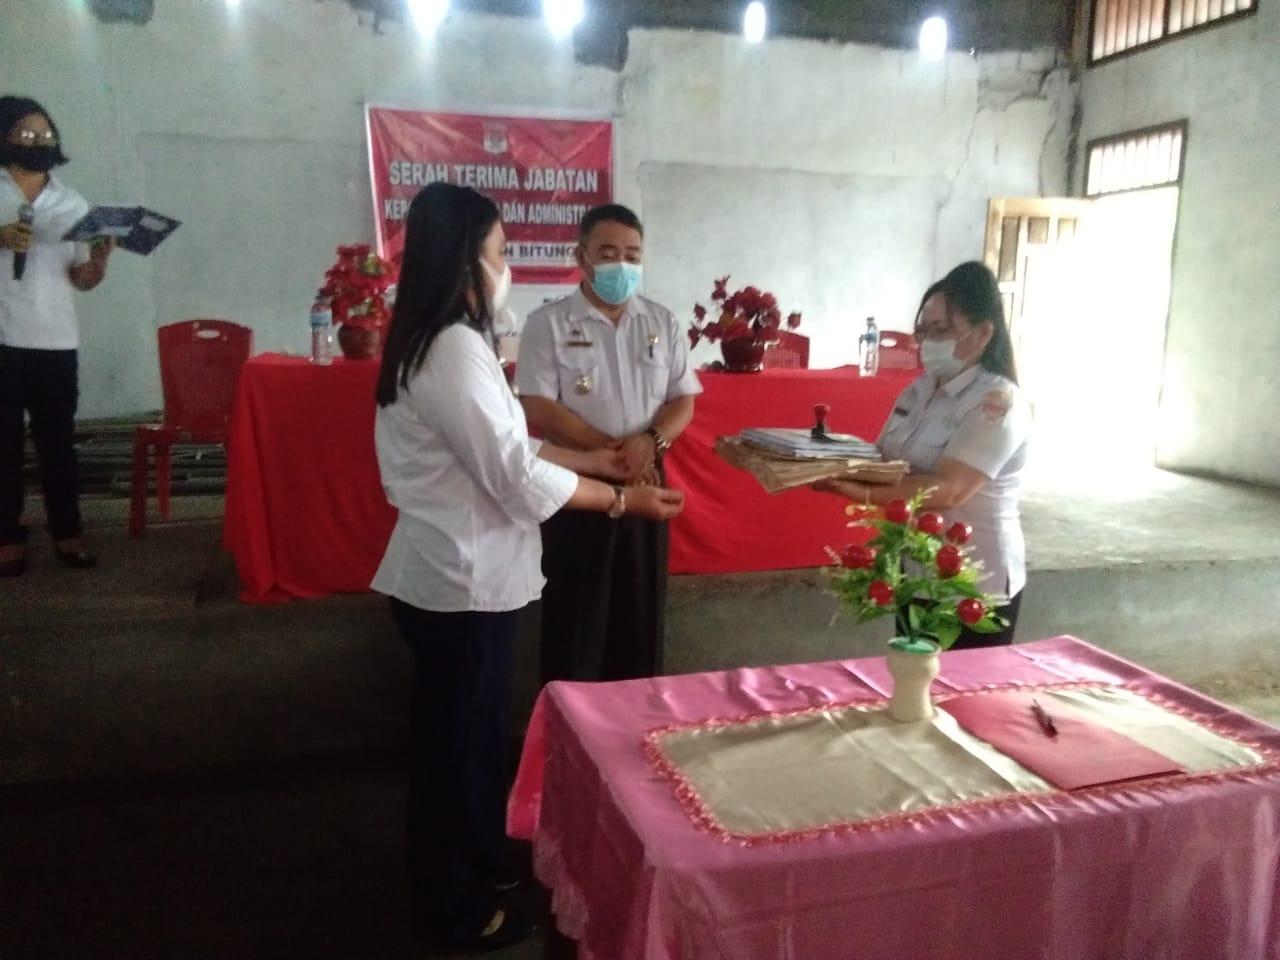 Sertijab Kepala Kelurahan dan Administrasi di Bitung Kecamatan Amurang